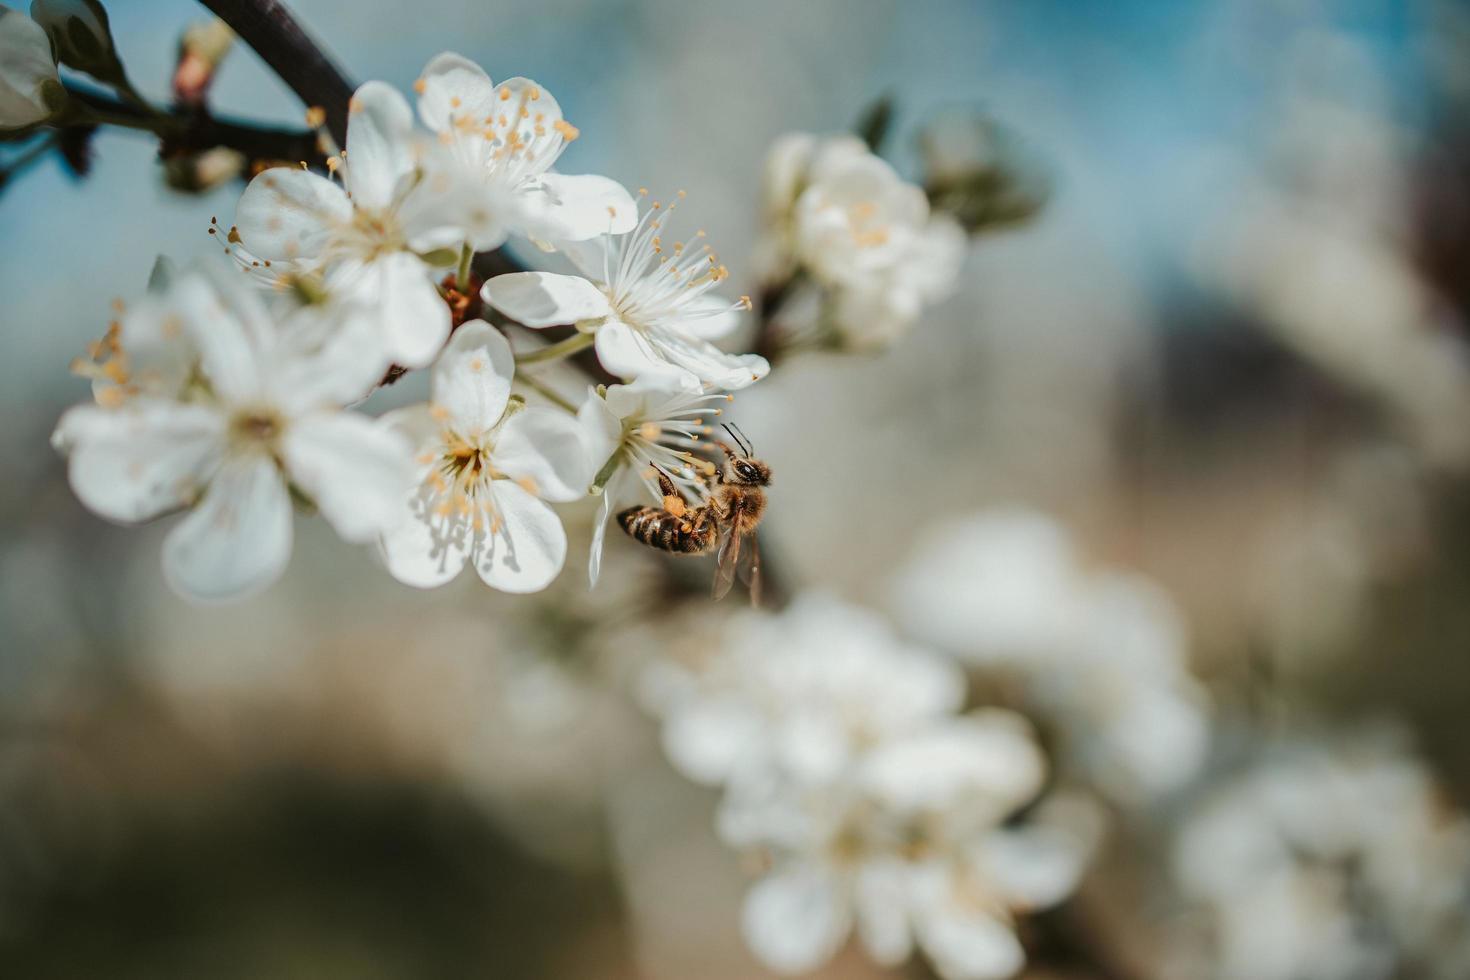 abeille sur fleur de cerisier blanc photo